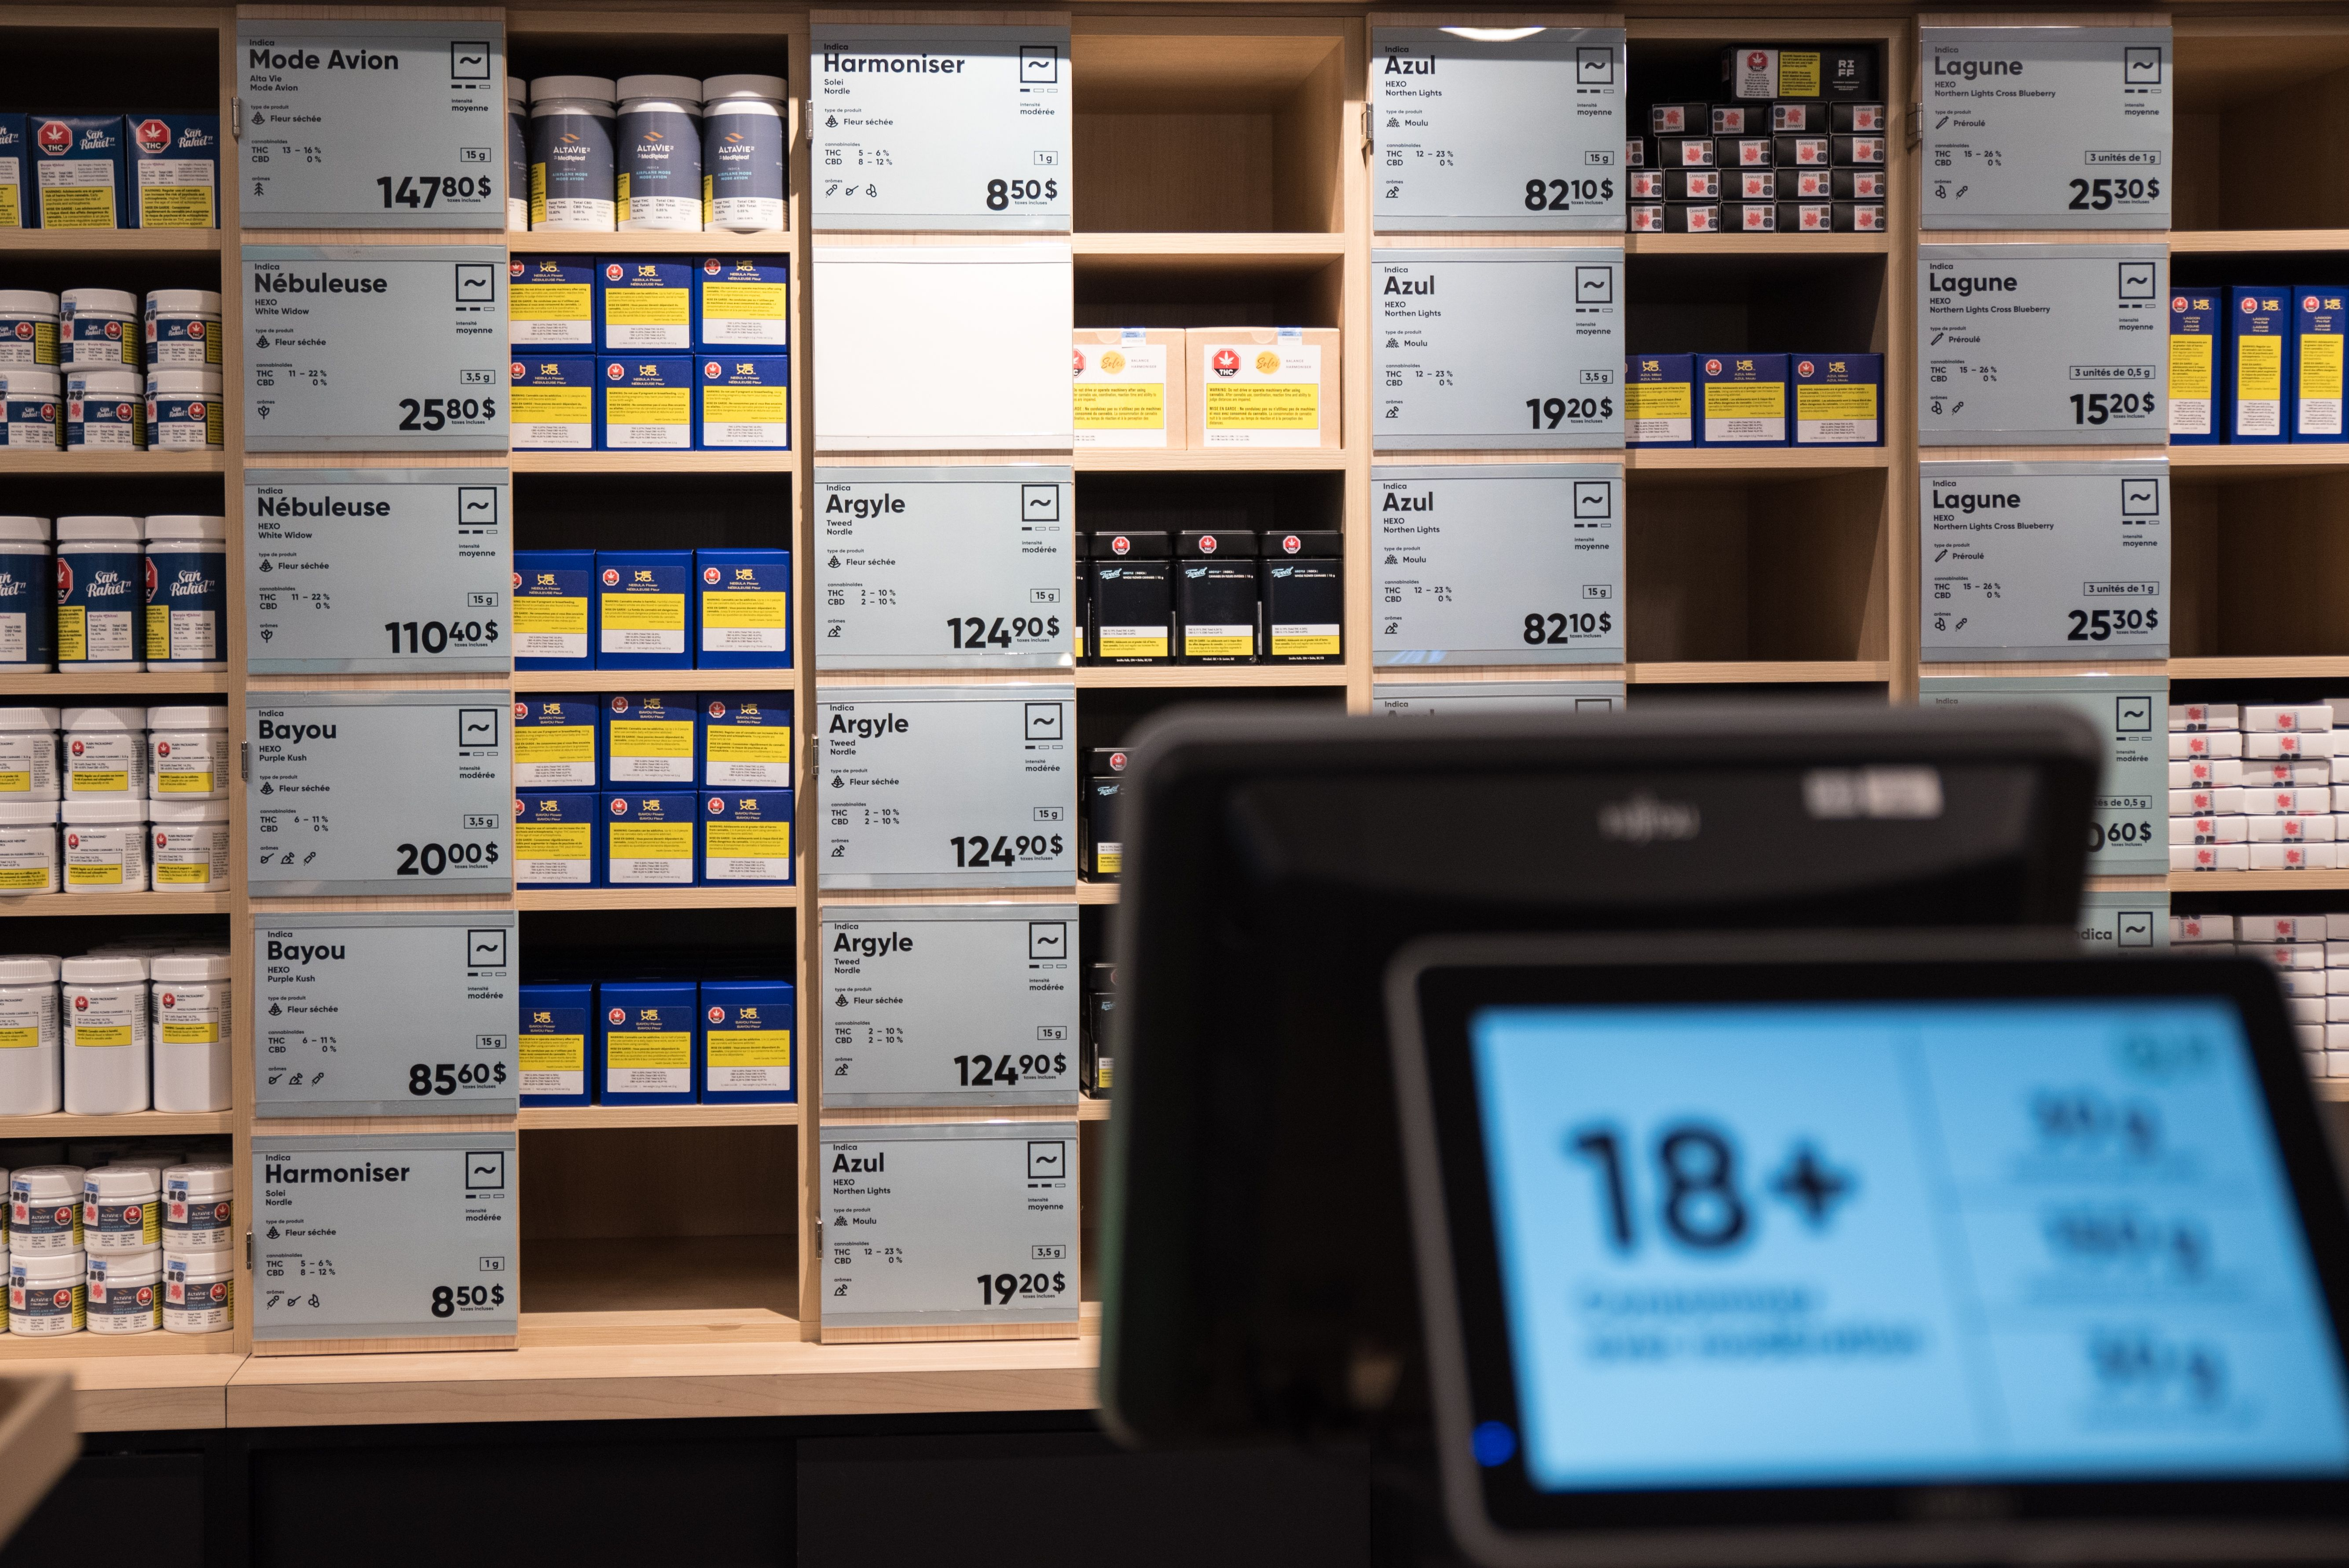 La SQDC démarre avec 12 magasins, mais pourrait en ouvrir jusqu'à 150 d'ici trois